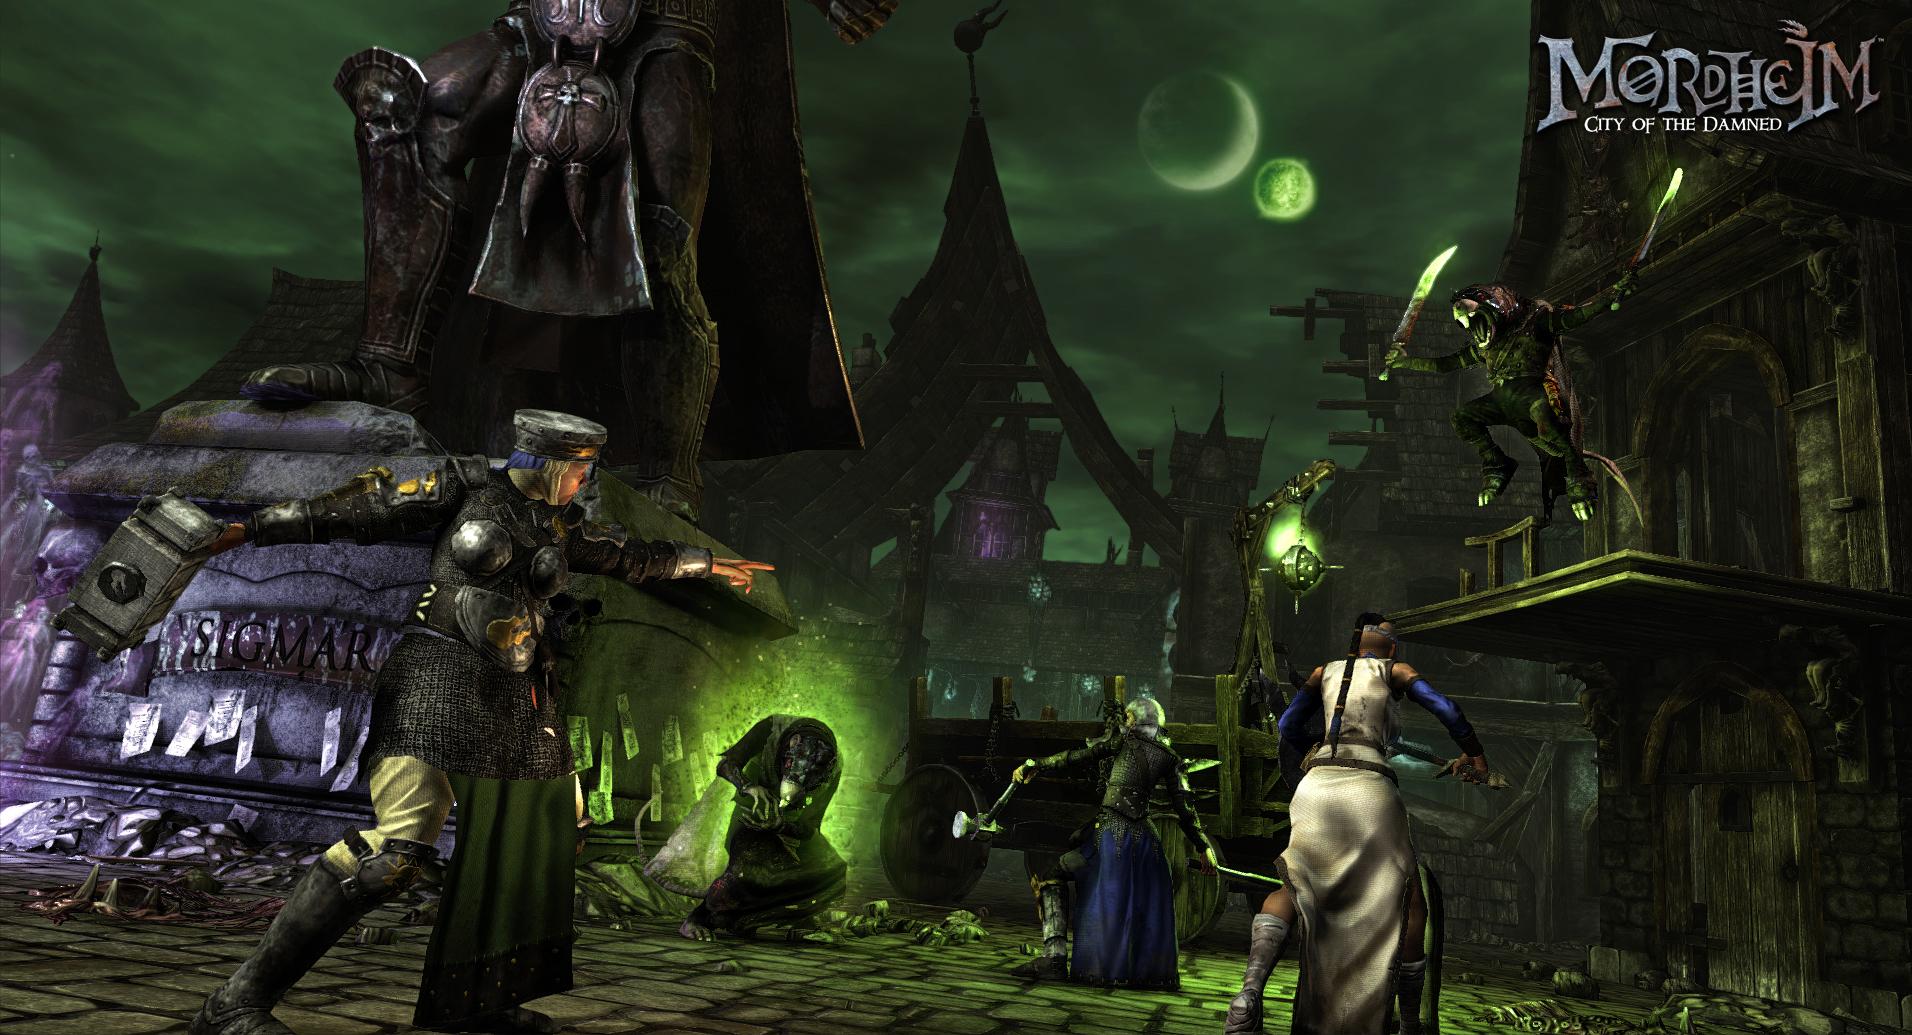 Mordheim: City of the Damned aparecerá en Steam a finales de este año.